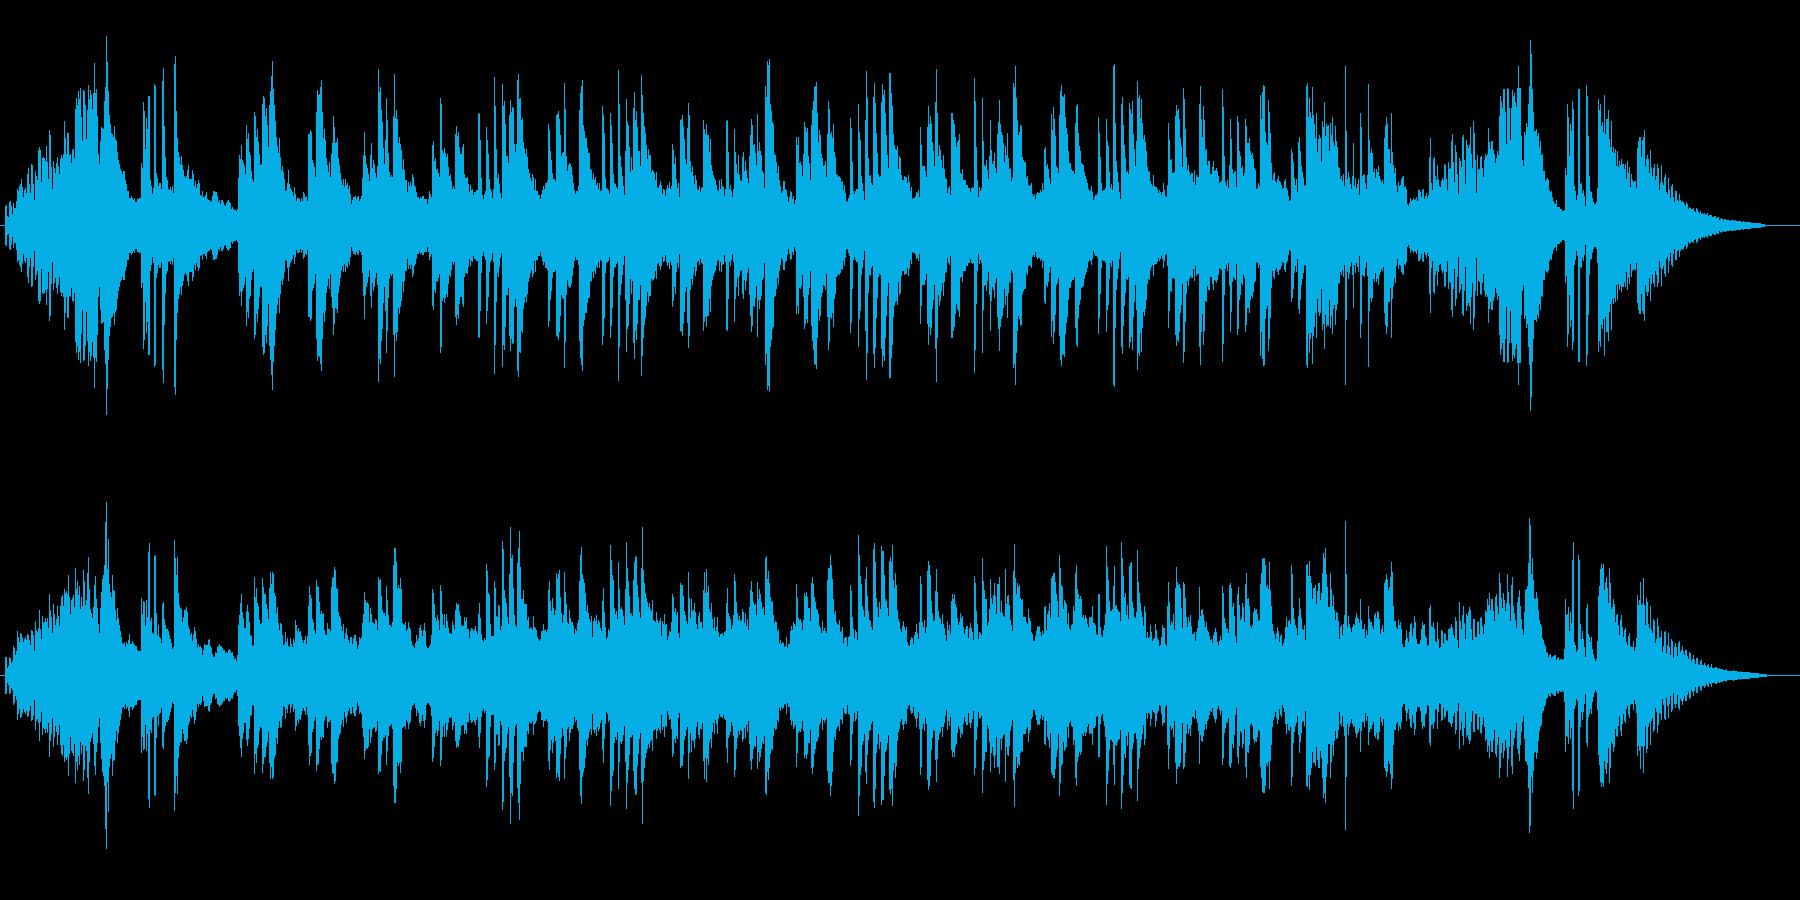 しっとりとしたバラードの再生済みの波形